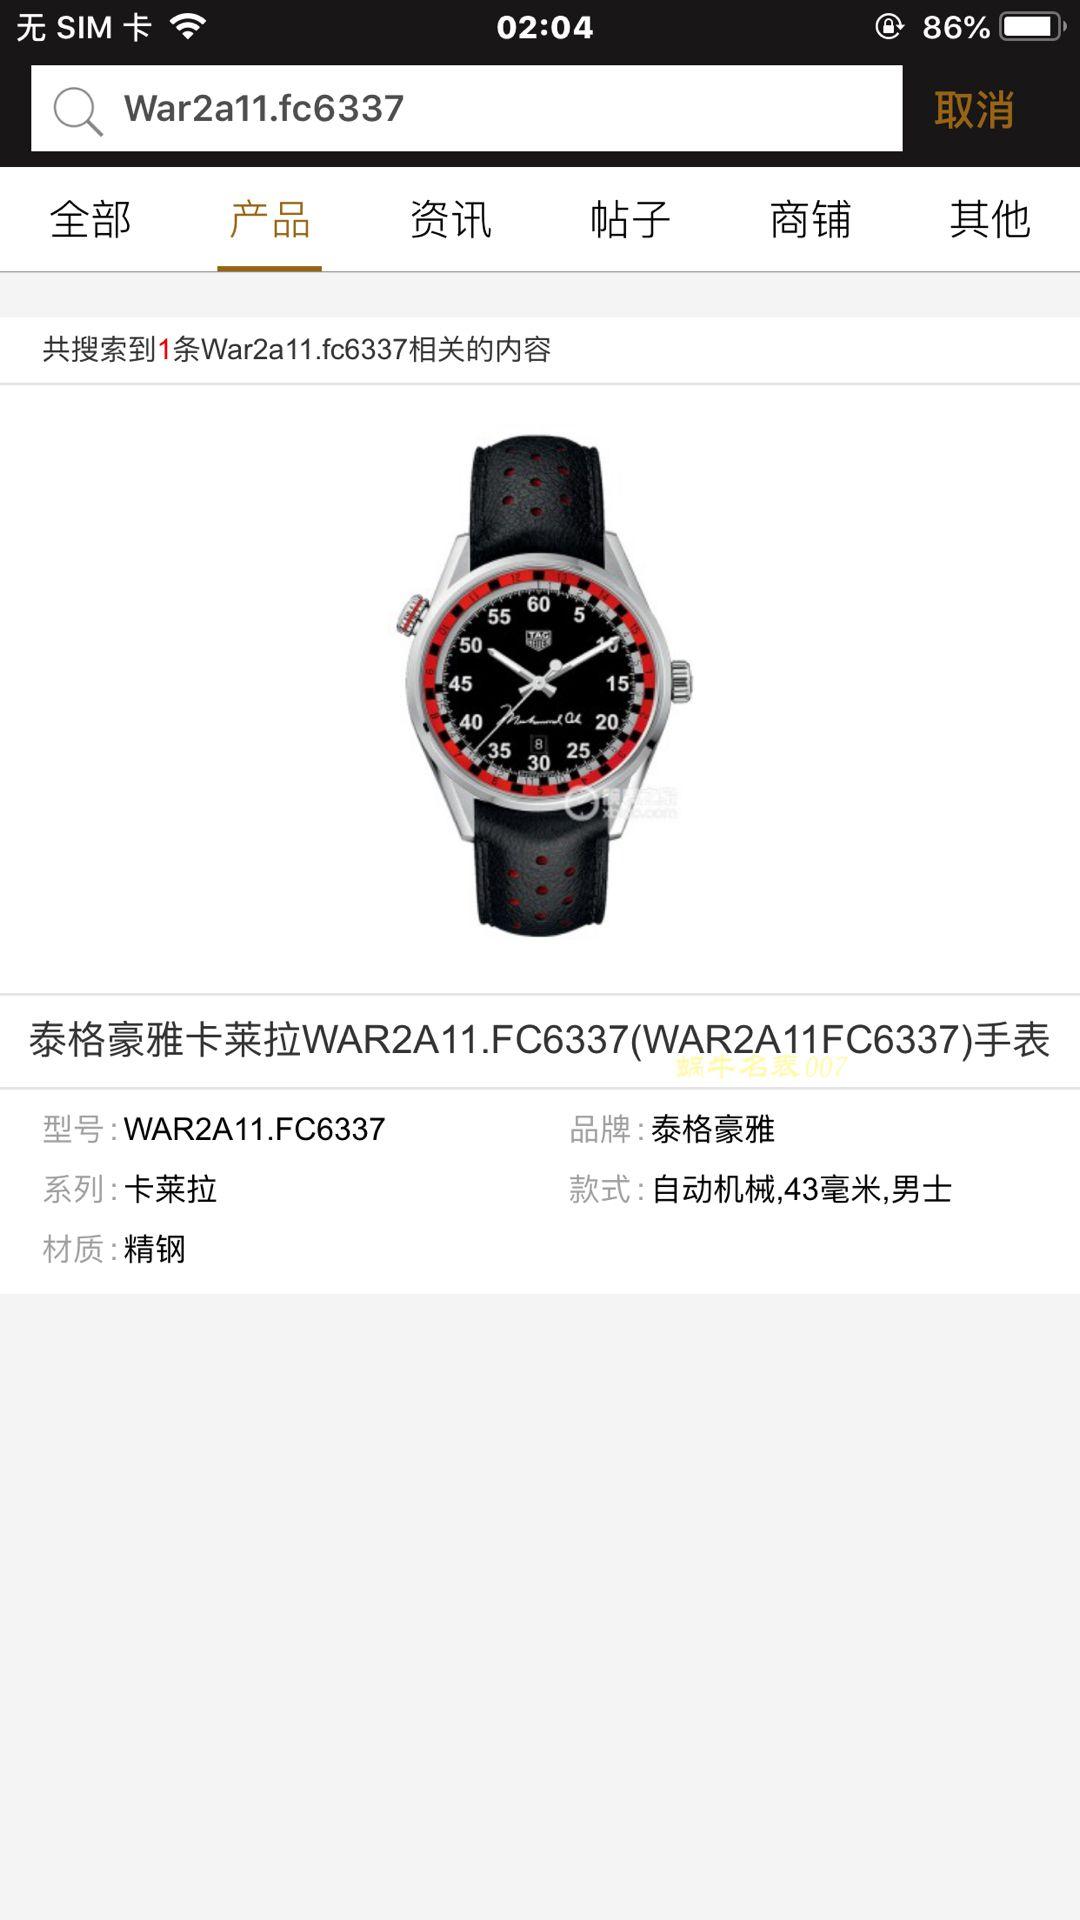 【渠道原单】泰格豪雅卡莱拉系列WAR2A11.FC6337腕表泰格豪雅拳王阿里纪念款,WAR2A80.FC6337腕表